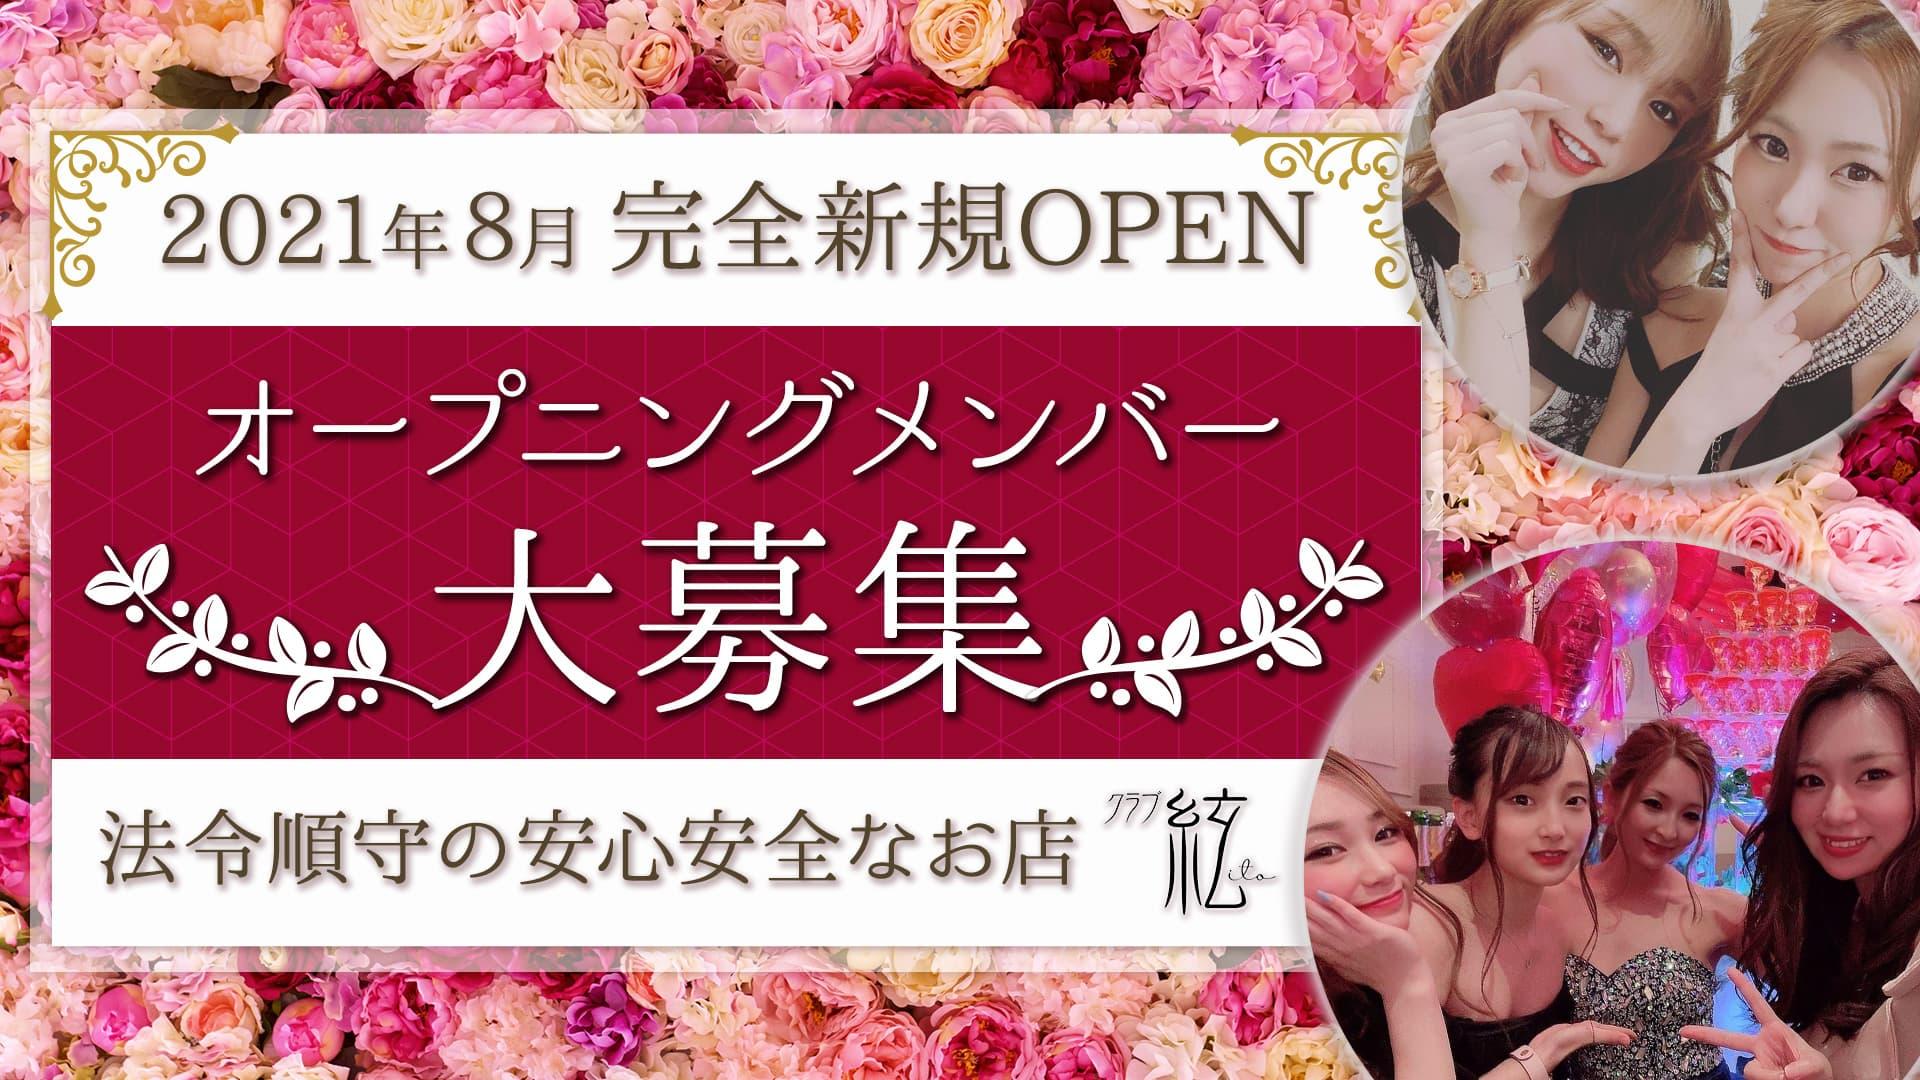 クラブ 絃 ito(イト)【公式求人・体入情報】 高崎クラブ TOP画像